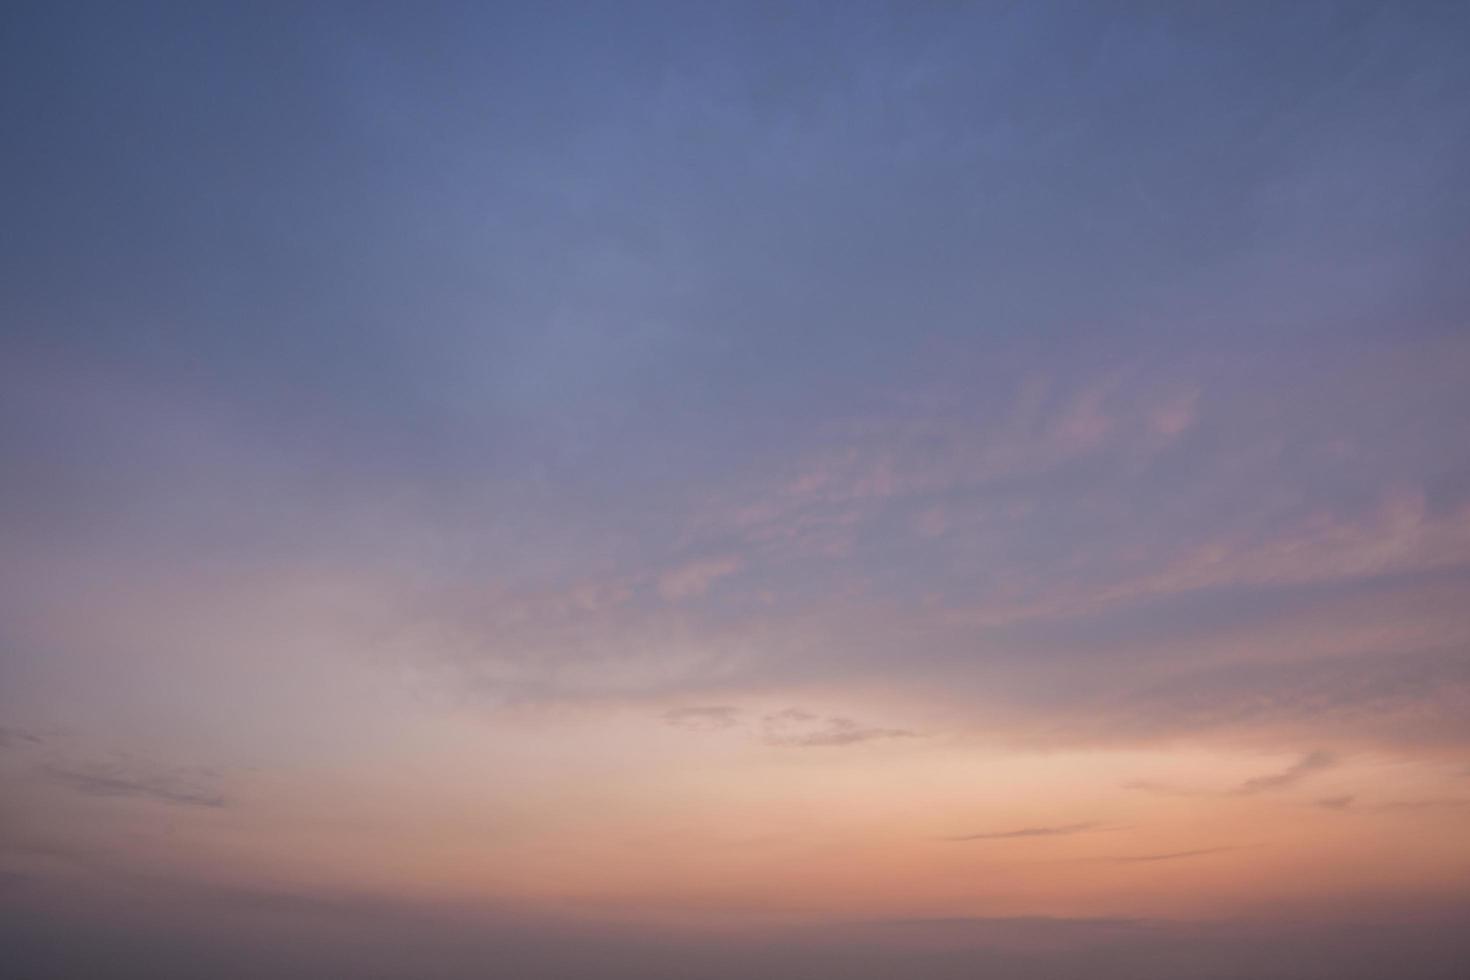 le ciel au coucher du soleil photo